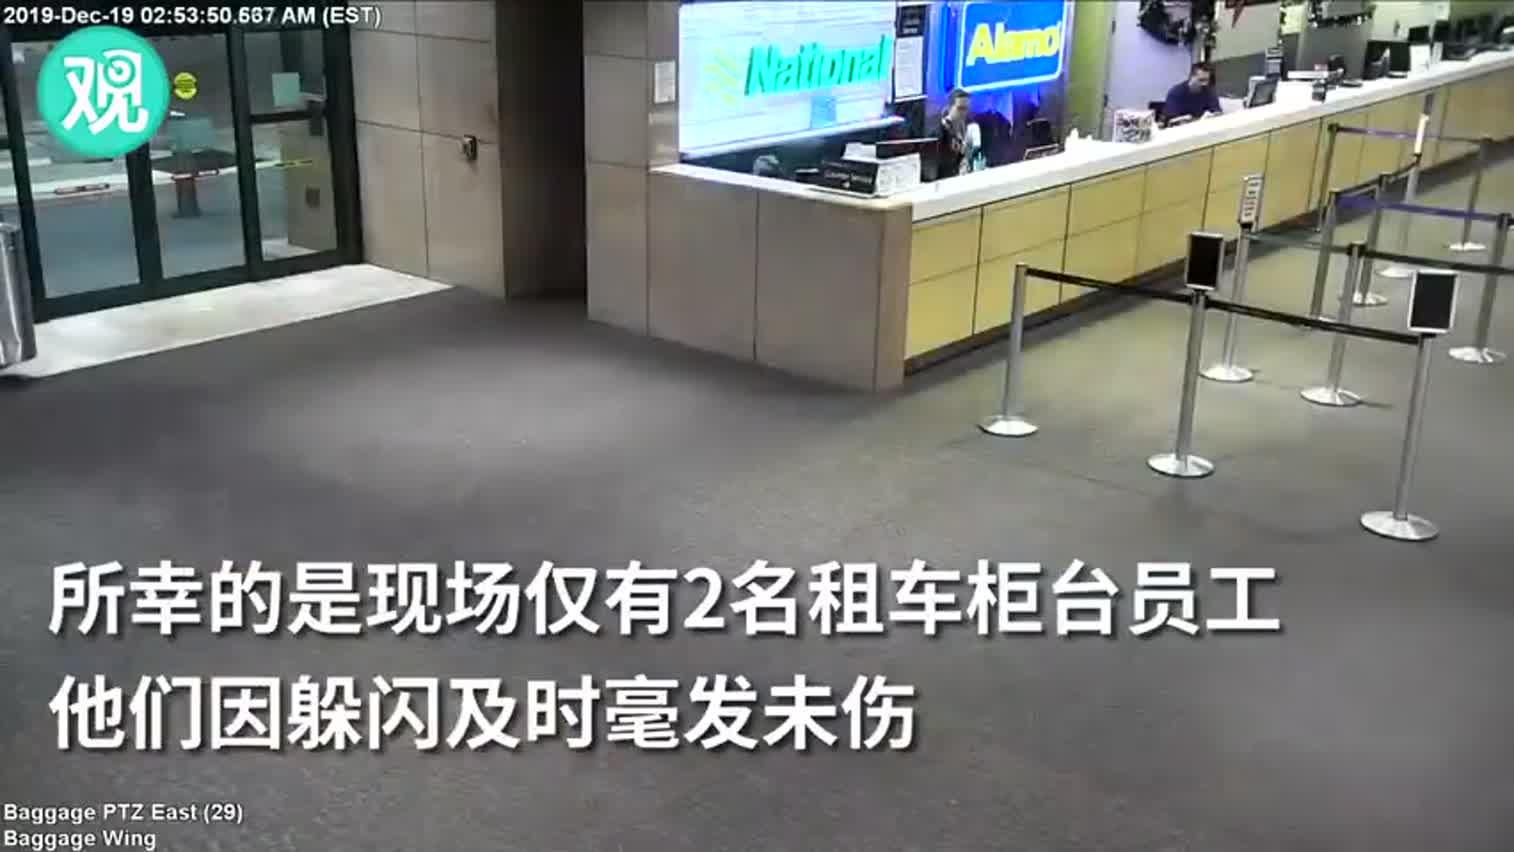 视频-皮卡破墙撞入佛州一机场 现场碎片横飞